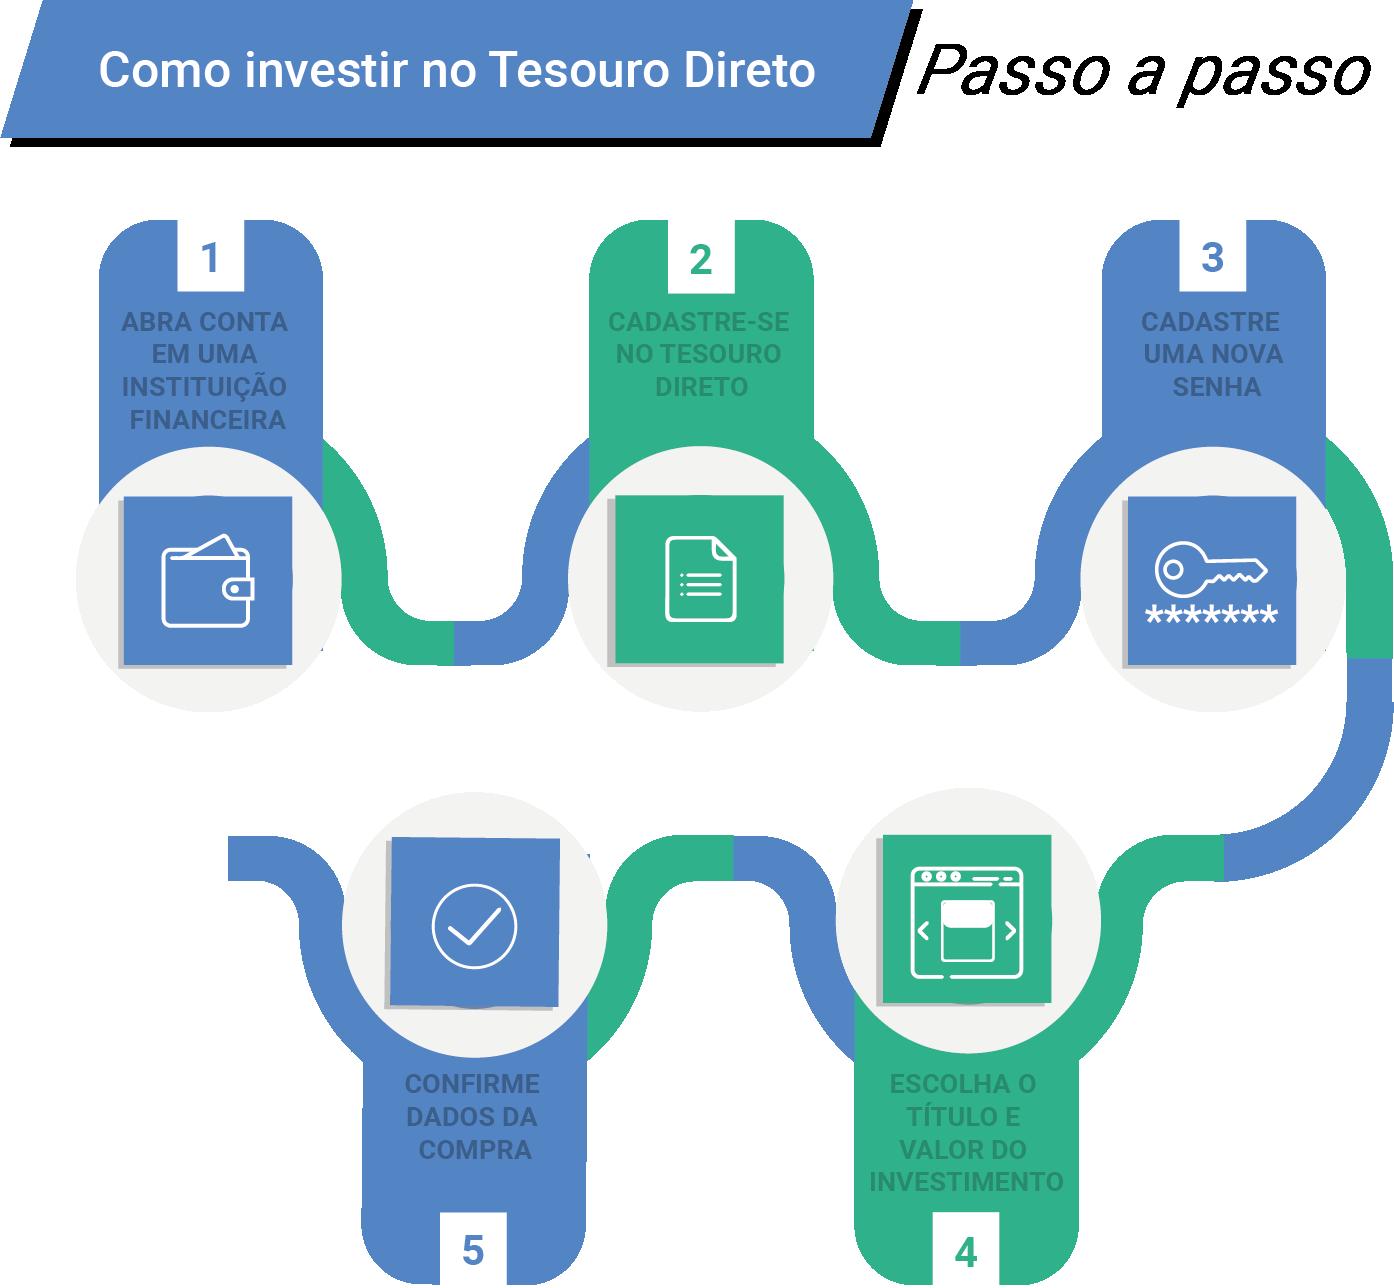 como-investir-no-tesouro-direto-passo-a-passo.png